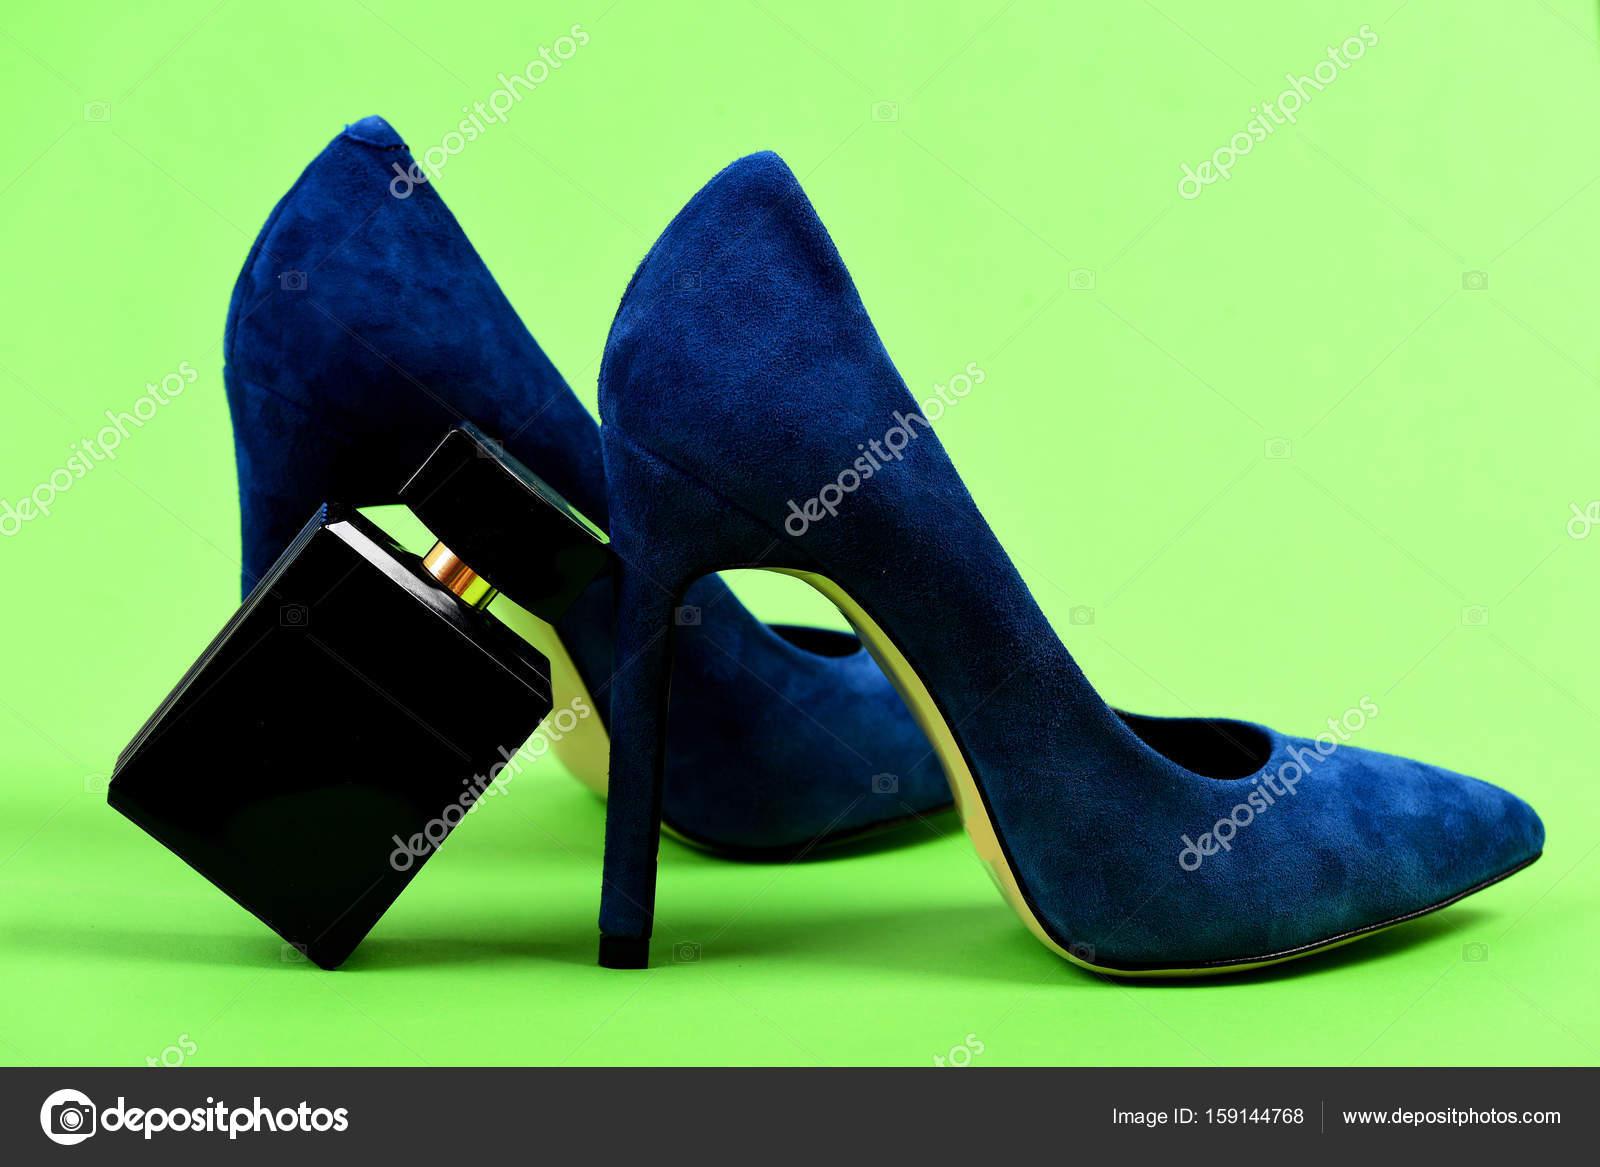 Scarpe in blu scuro con la bottiglia di profumo. Paio di scarpe donna  camoscio fantasia e accessori. Scarpe tacco alto isolato su sfondo verde  chiaro. 39ae6d8bfc0